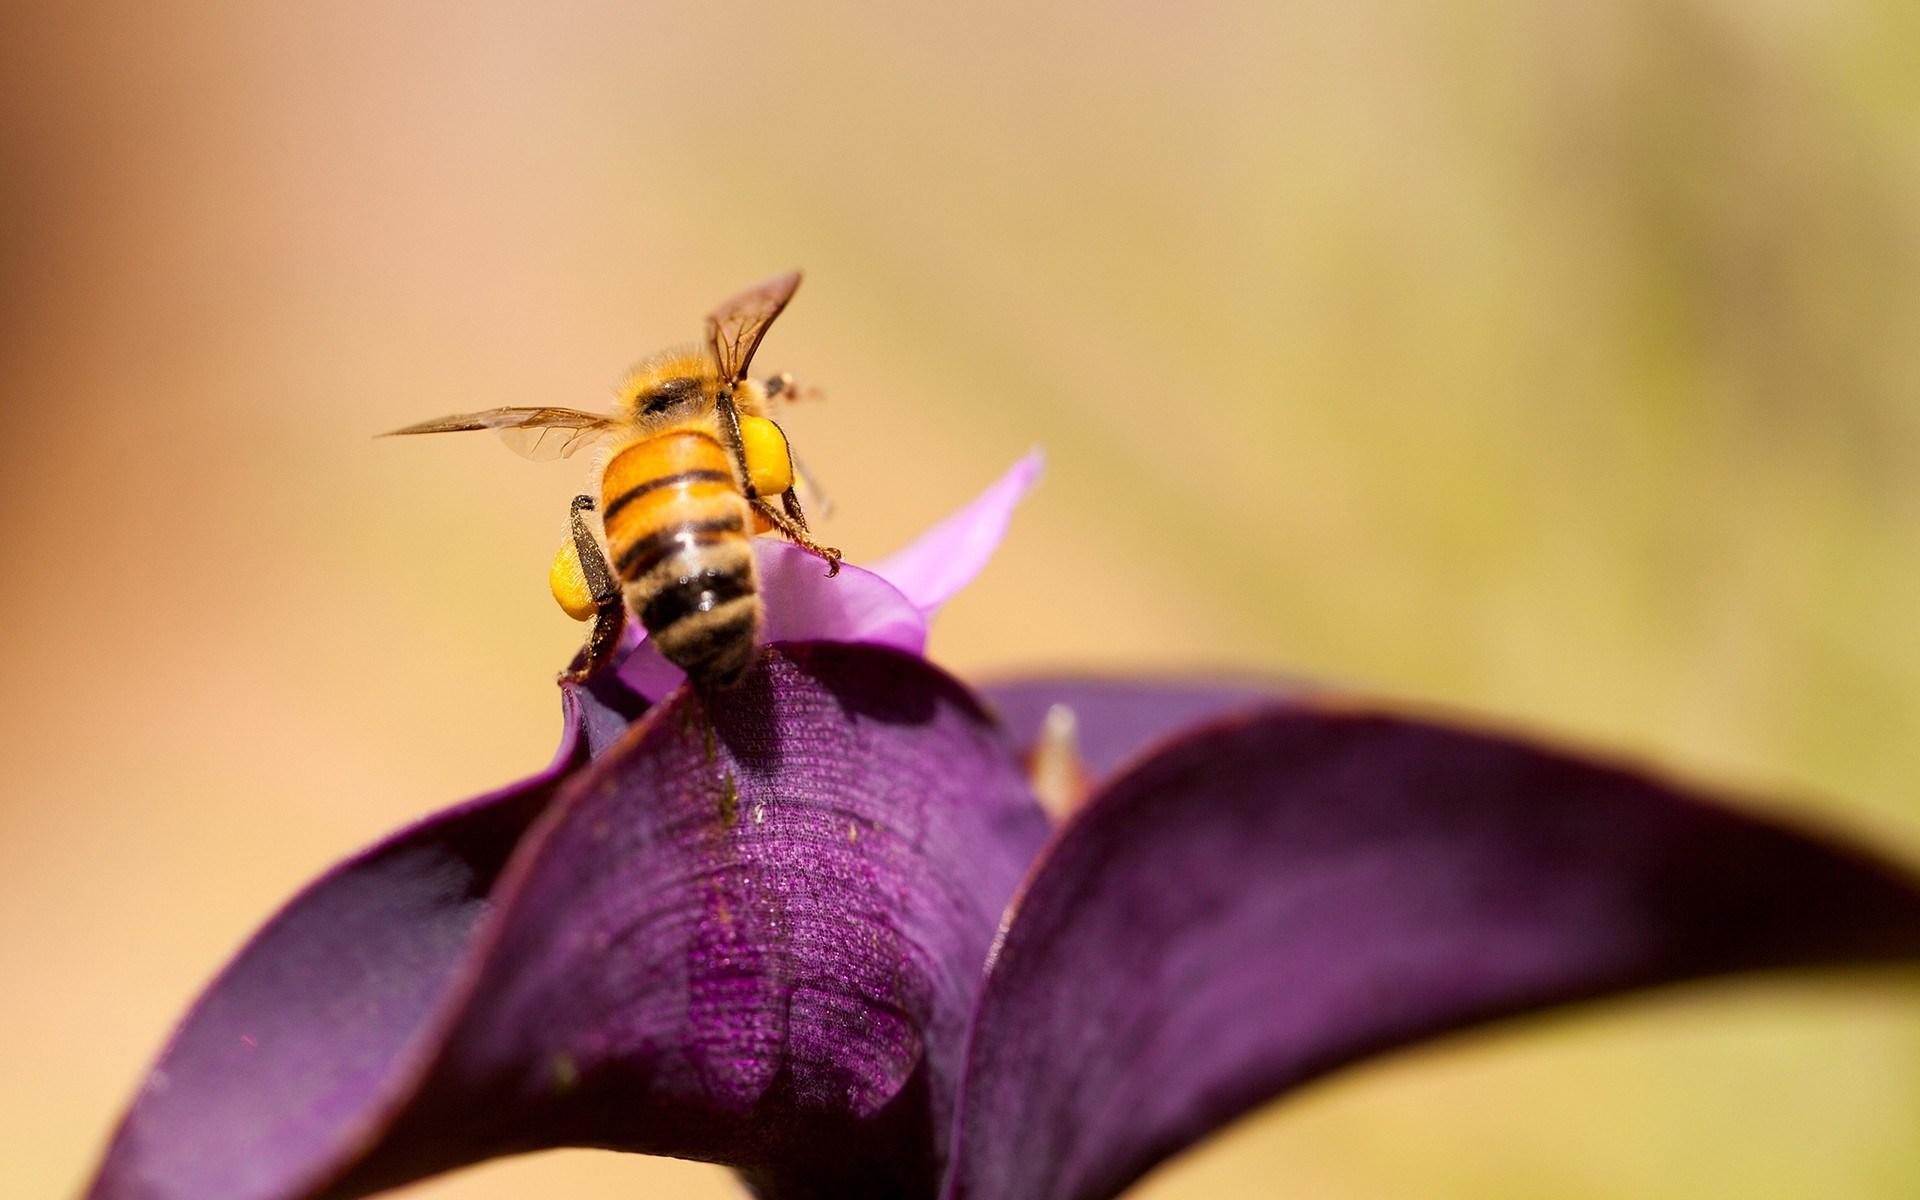 Butterfly 3d Live Wallpaper Free Download Bee Flower Hd Desktop Wallpapers 4k Hd